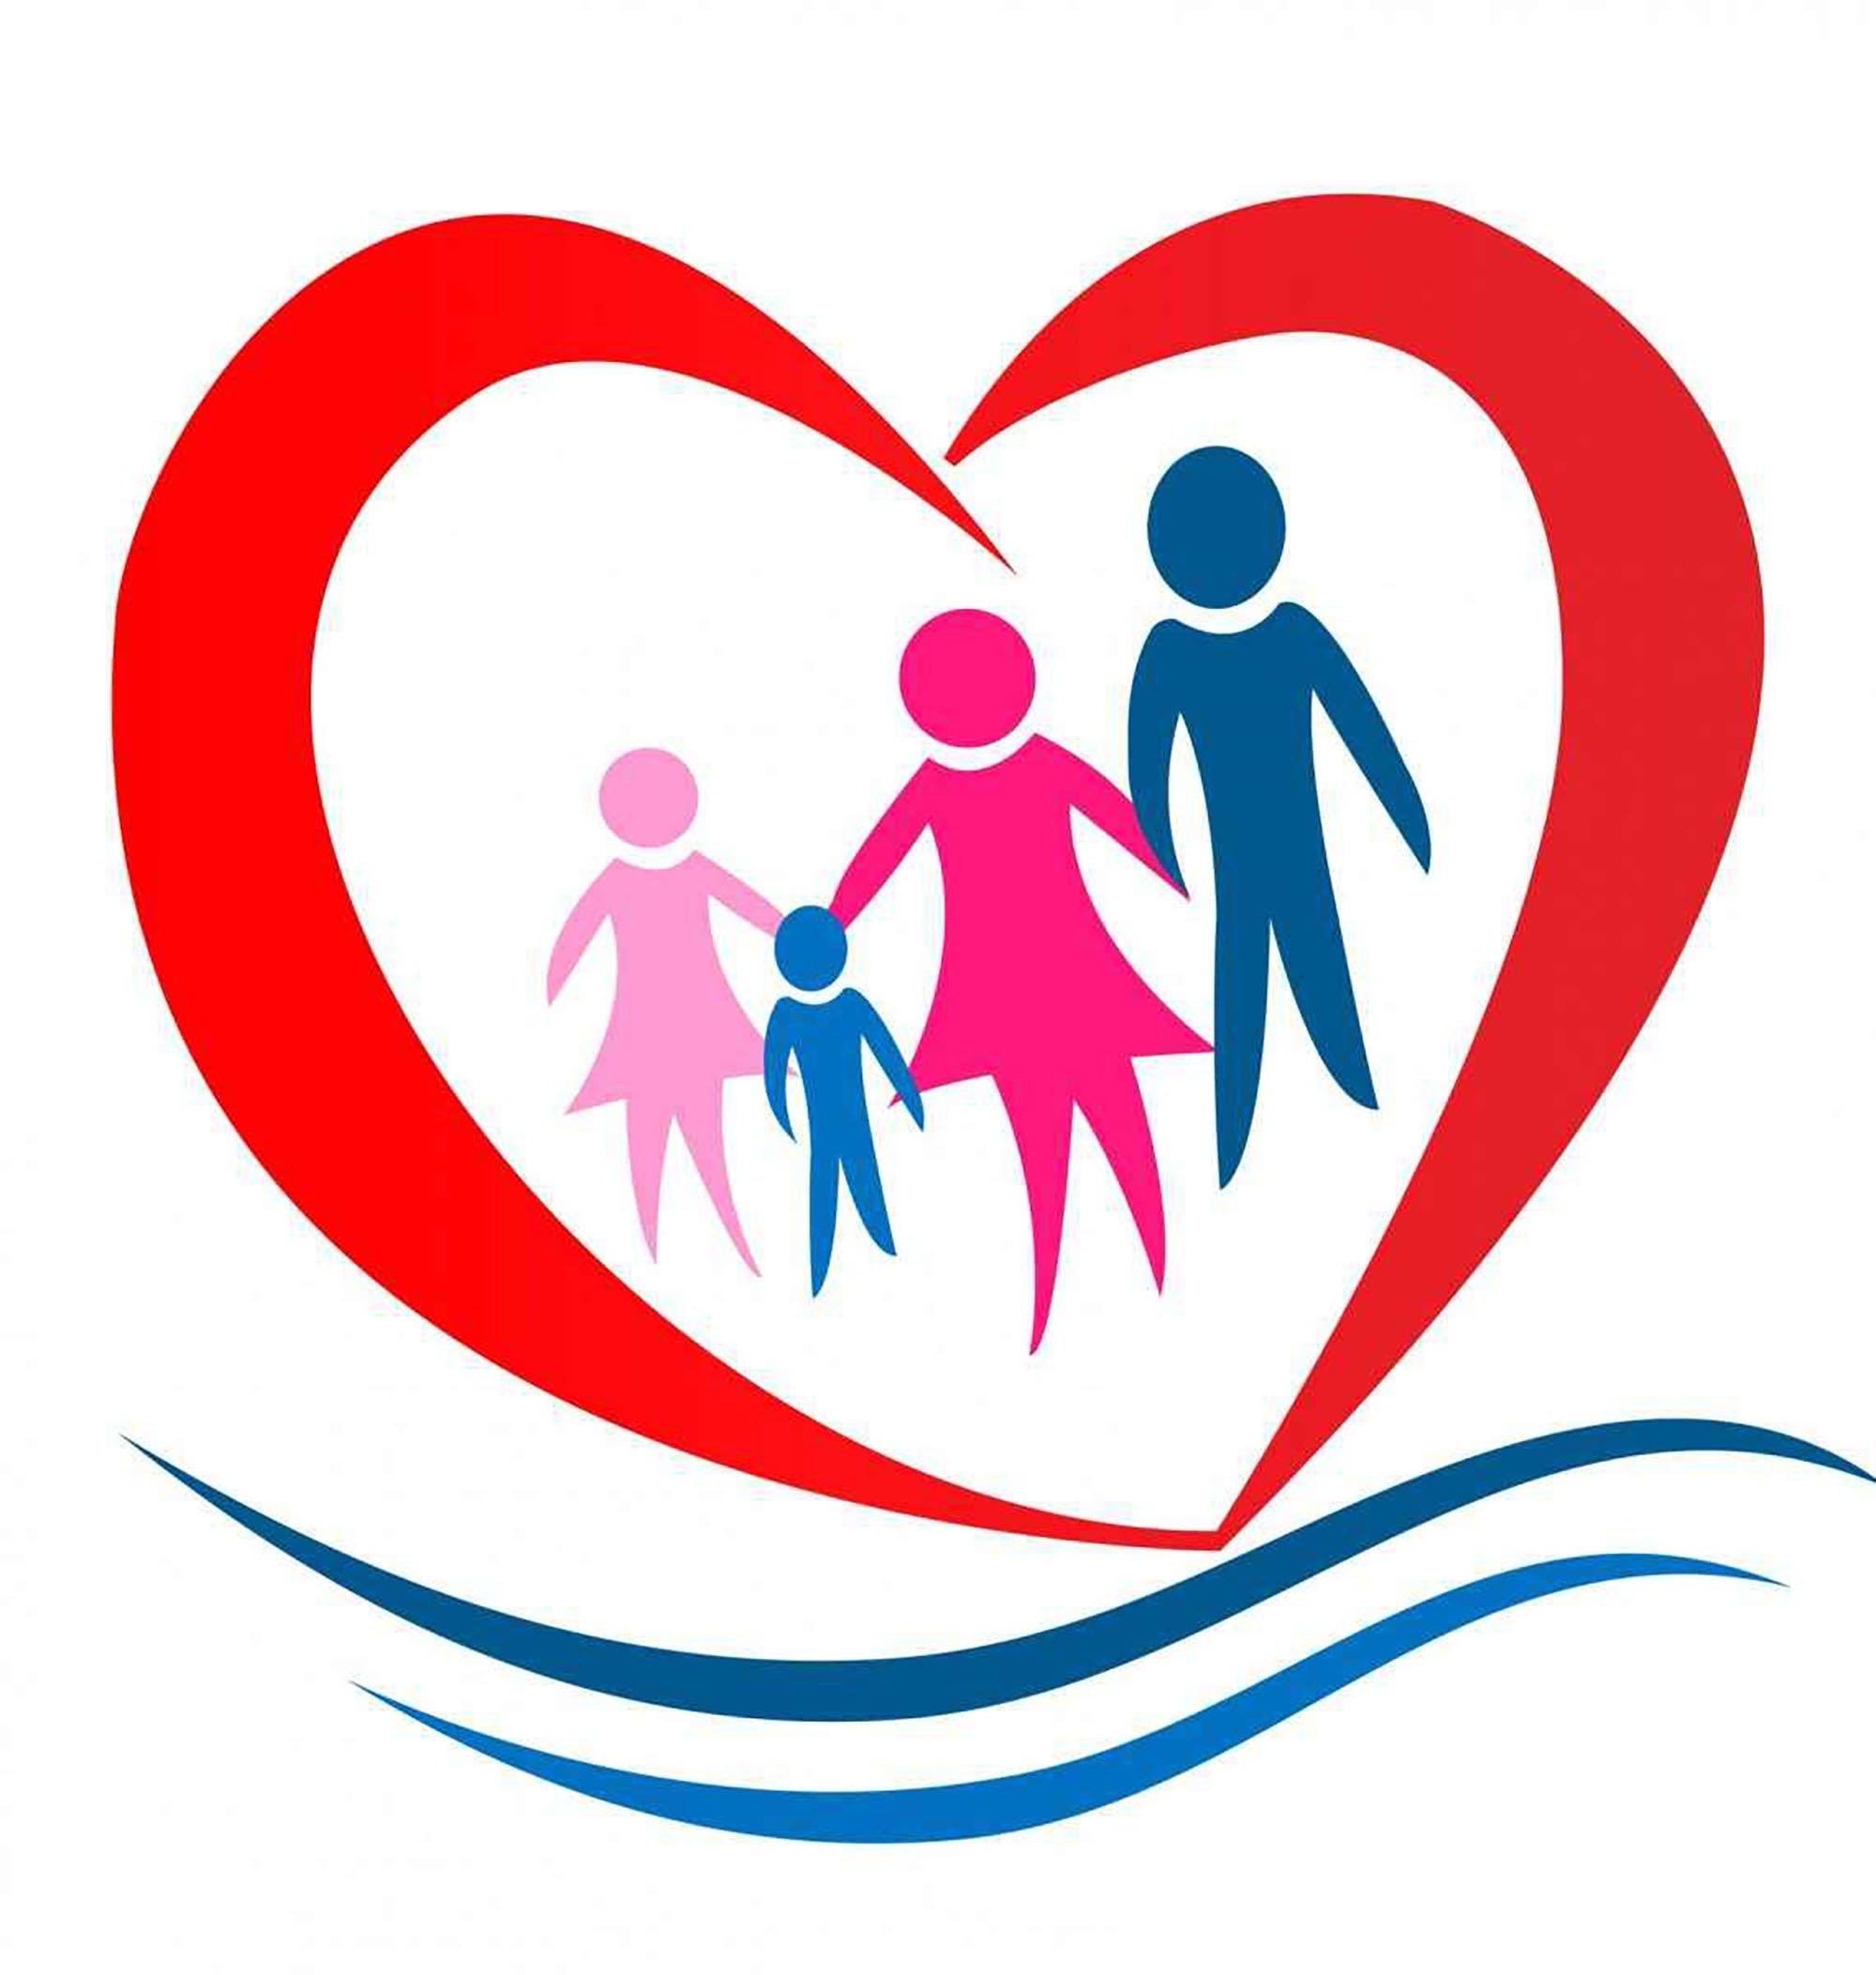 family-planning-clipart-2.jpg